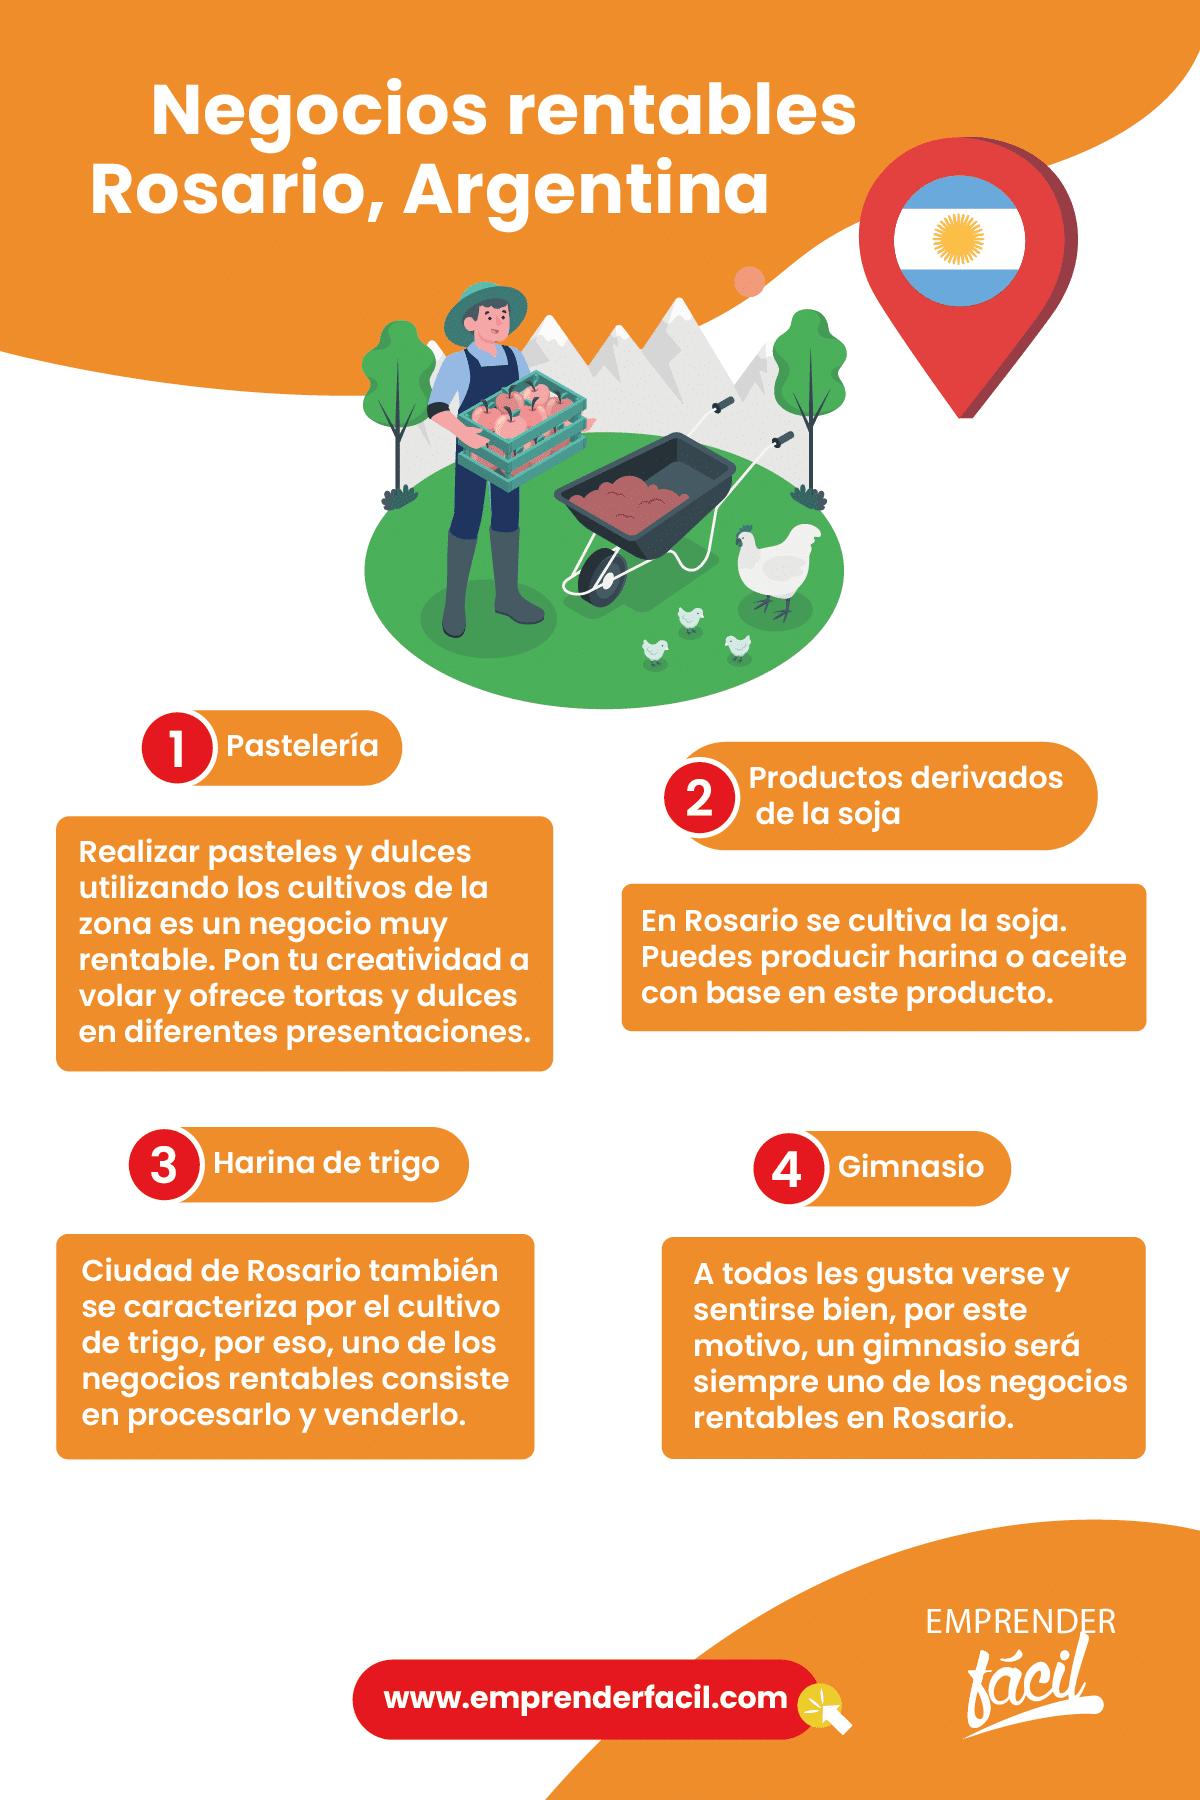 Negocios rentables en Rosario, Argentina.